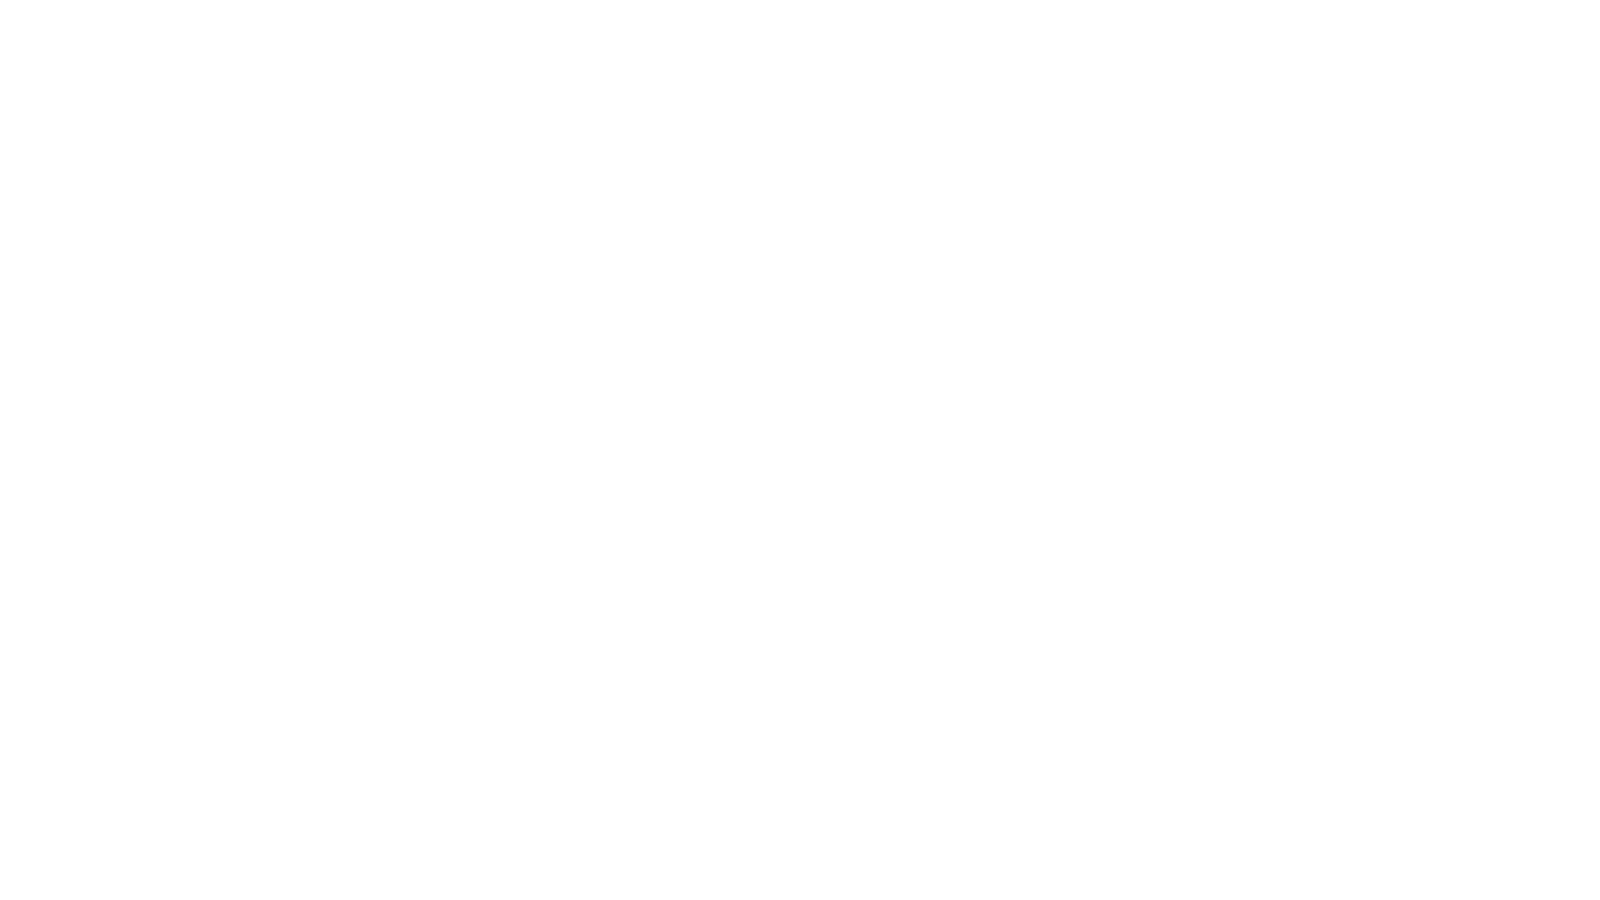 Film pokazuje możliwości urządzenia Thermomix Friend. Jeśli jesteś zainteresowany urządzeniem zapraszam na prezentacje. Napisz lub zadzwoń - 509 285 071. Zapraszam również na mojego bloga: www.thermomix-mam.pl